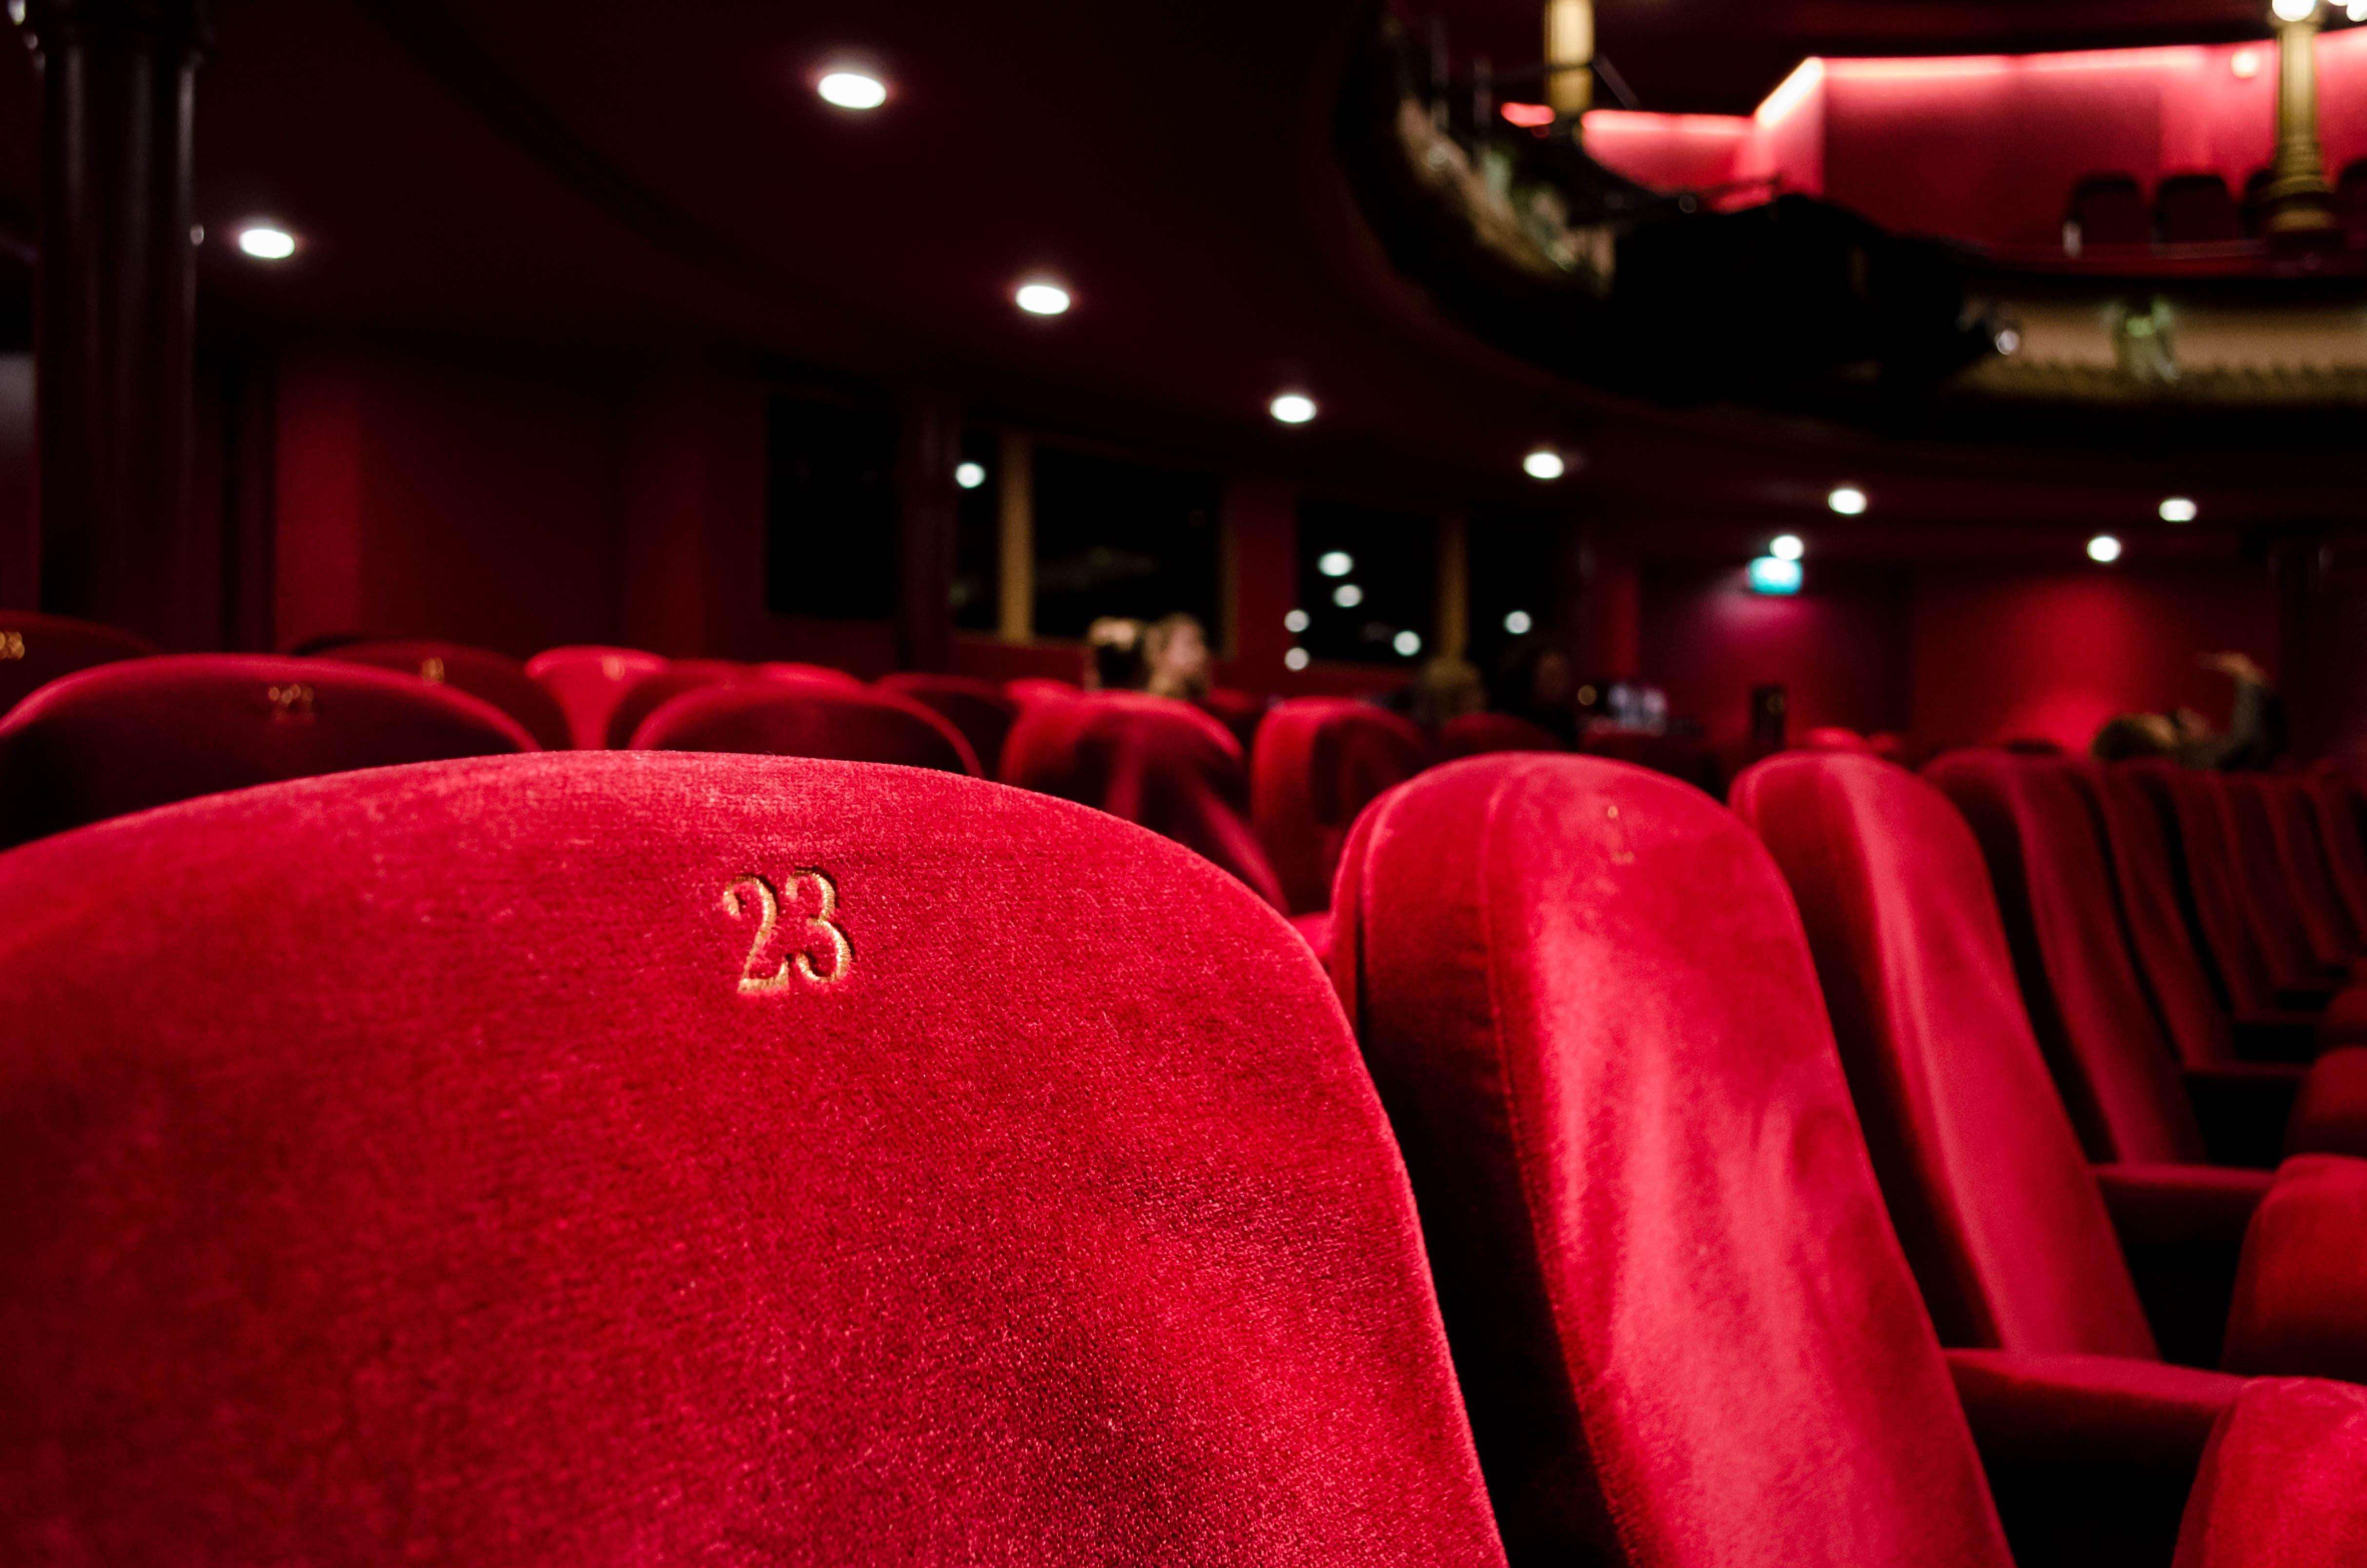 Siège de théâtre et cinéma rouge portant le numéro 23.